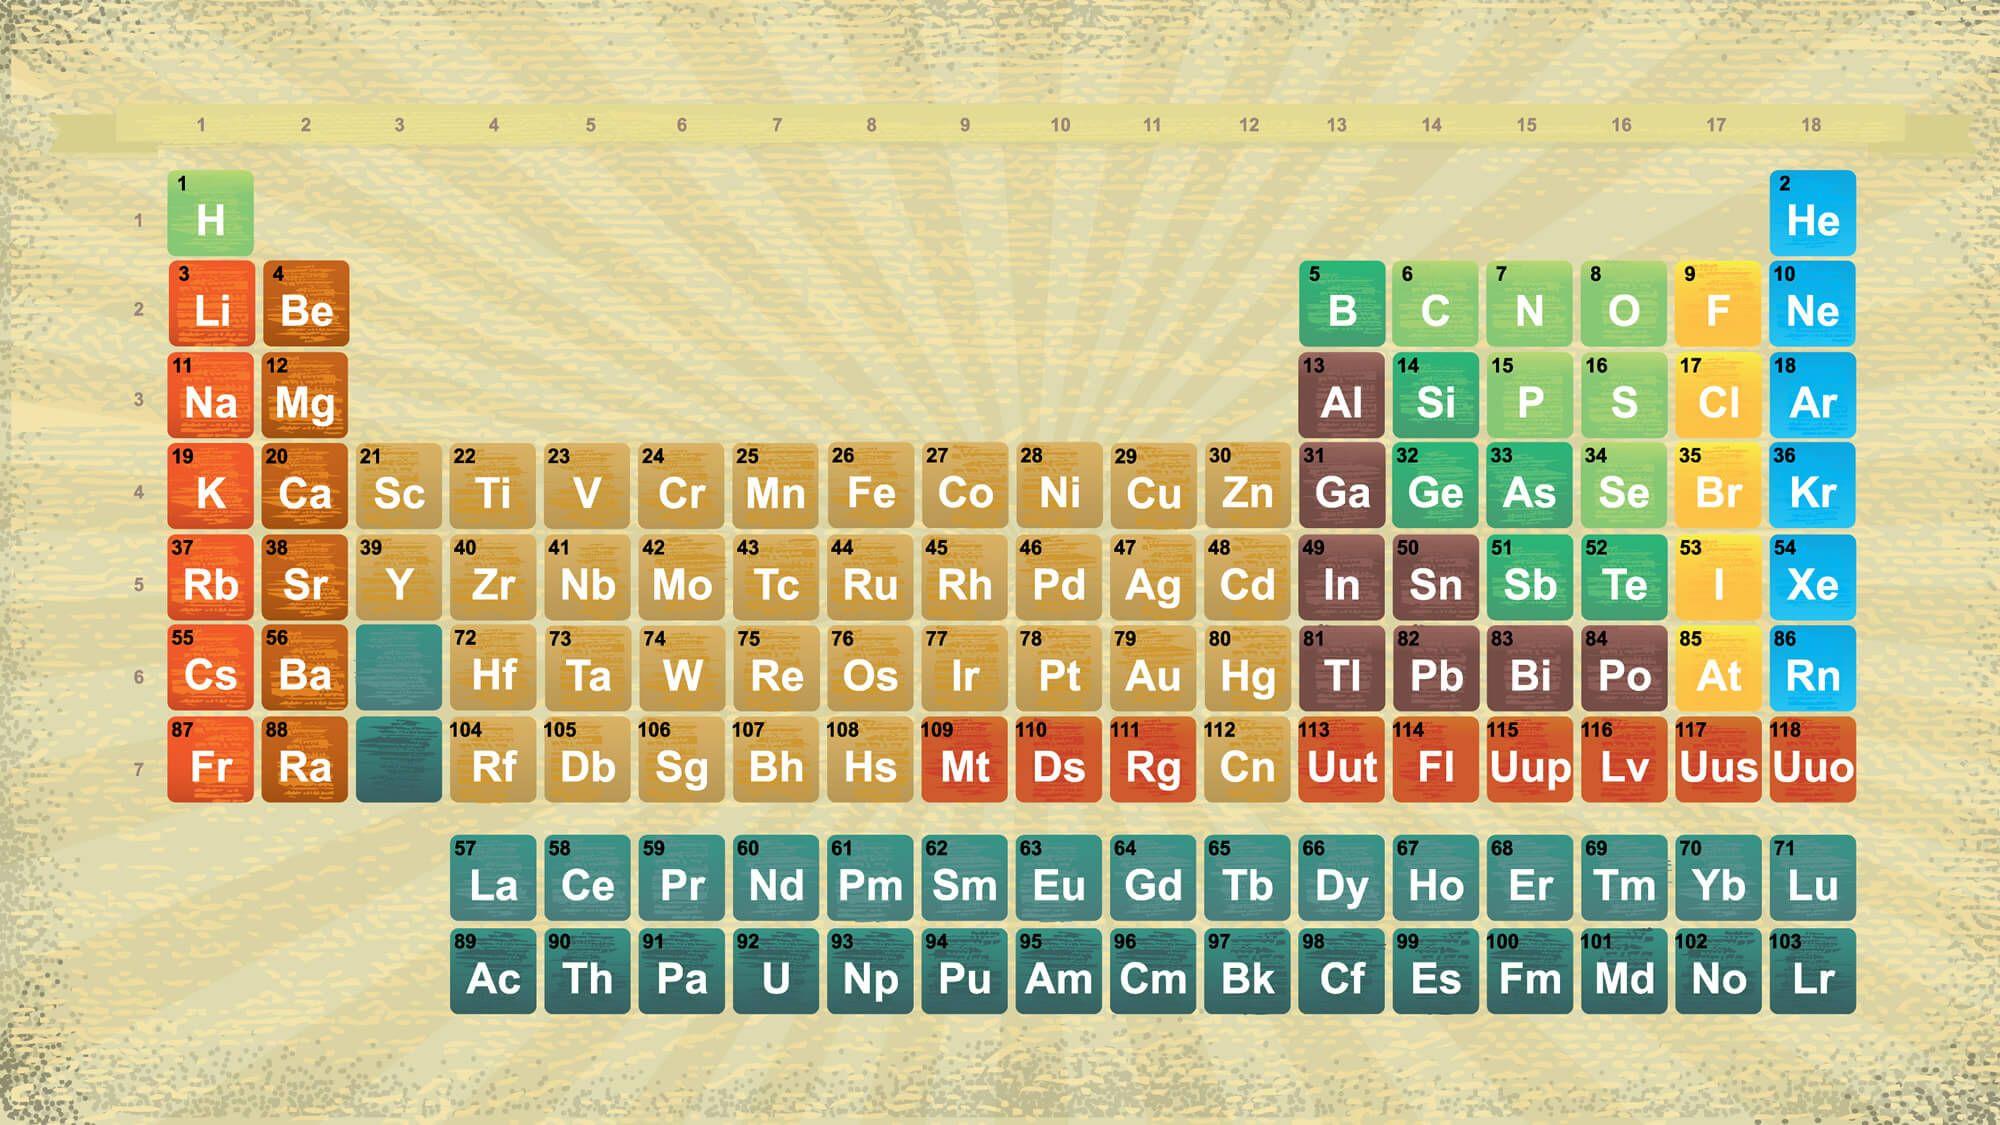 Tabla periodica de los elementos quimicos completa hd walls find tabla periodica de los elementos quimicos completa hd walls find urtaz Gallery